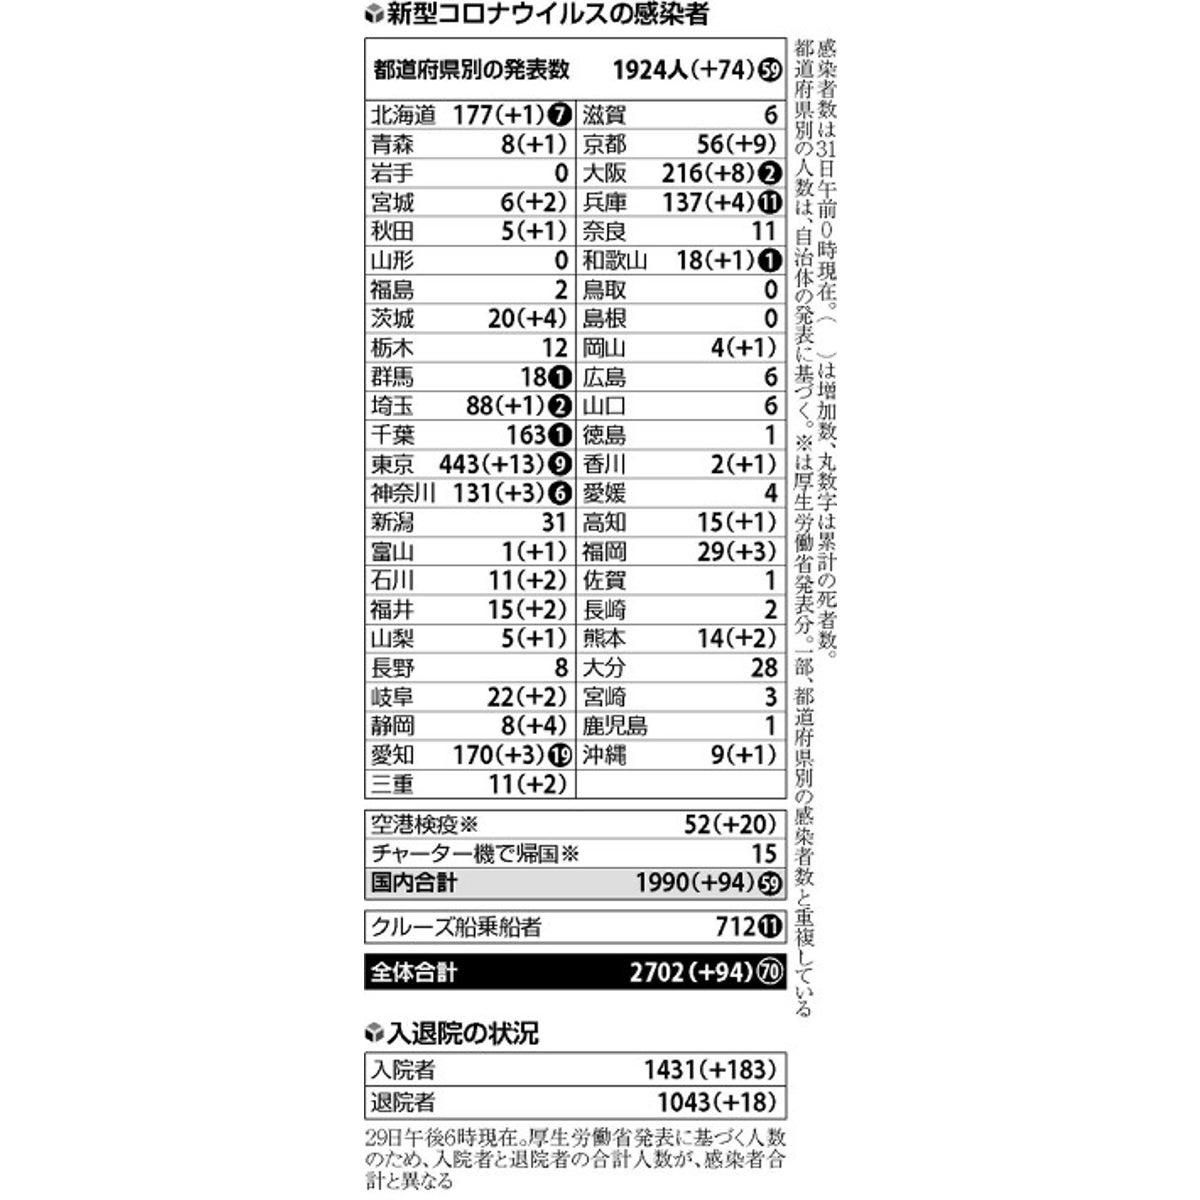 京産大 自殺 コロナ 富山